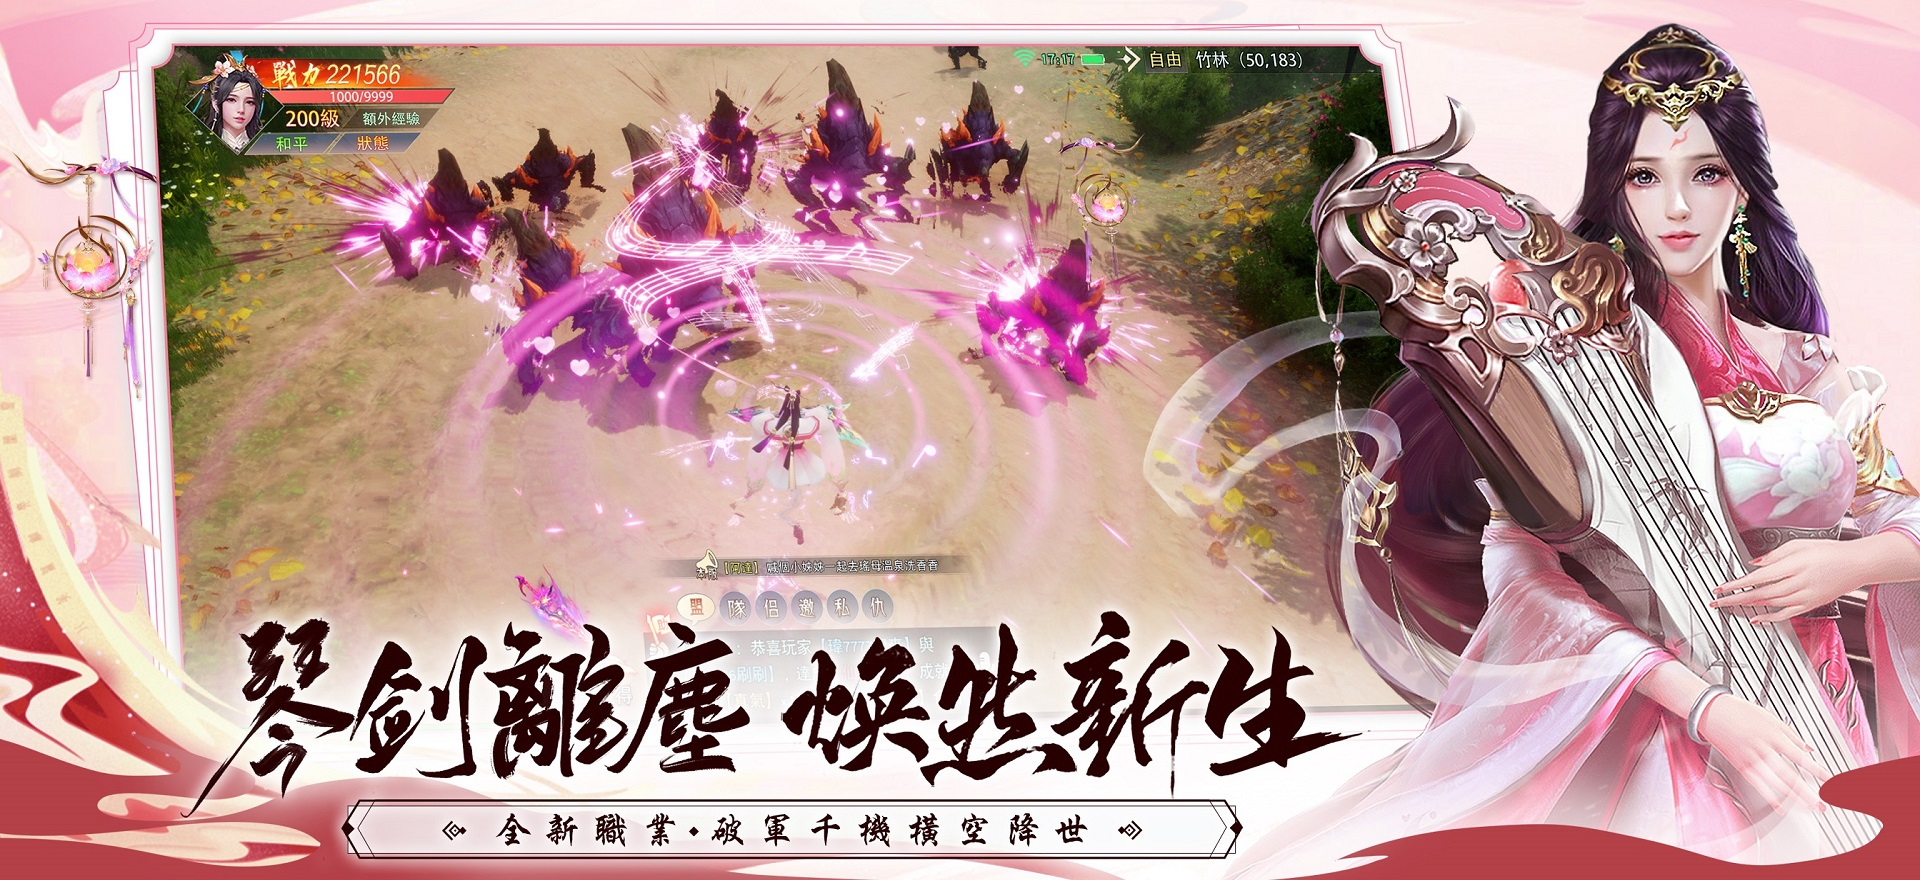 《天涯幻夢》盛大改版今日開啟!釋出新職業CG,以琴化劍相守天涯